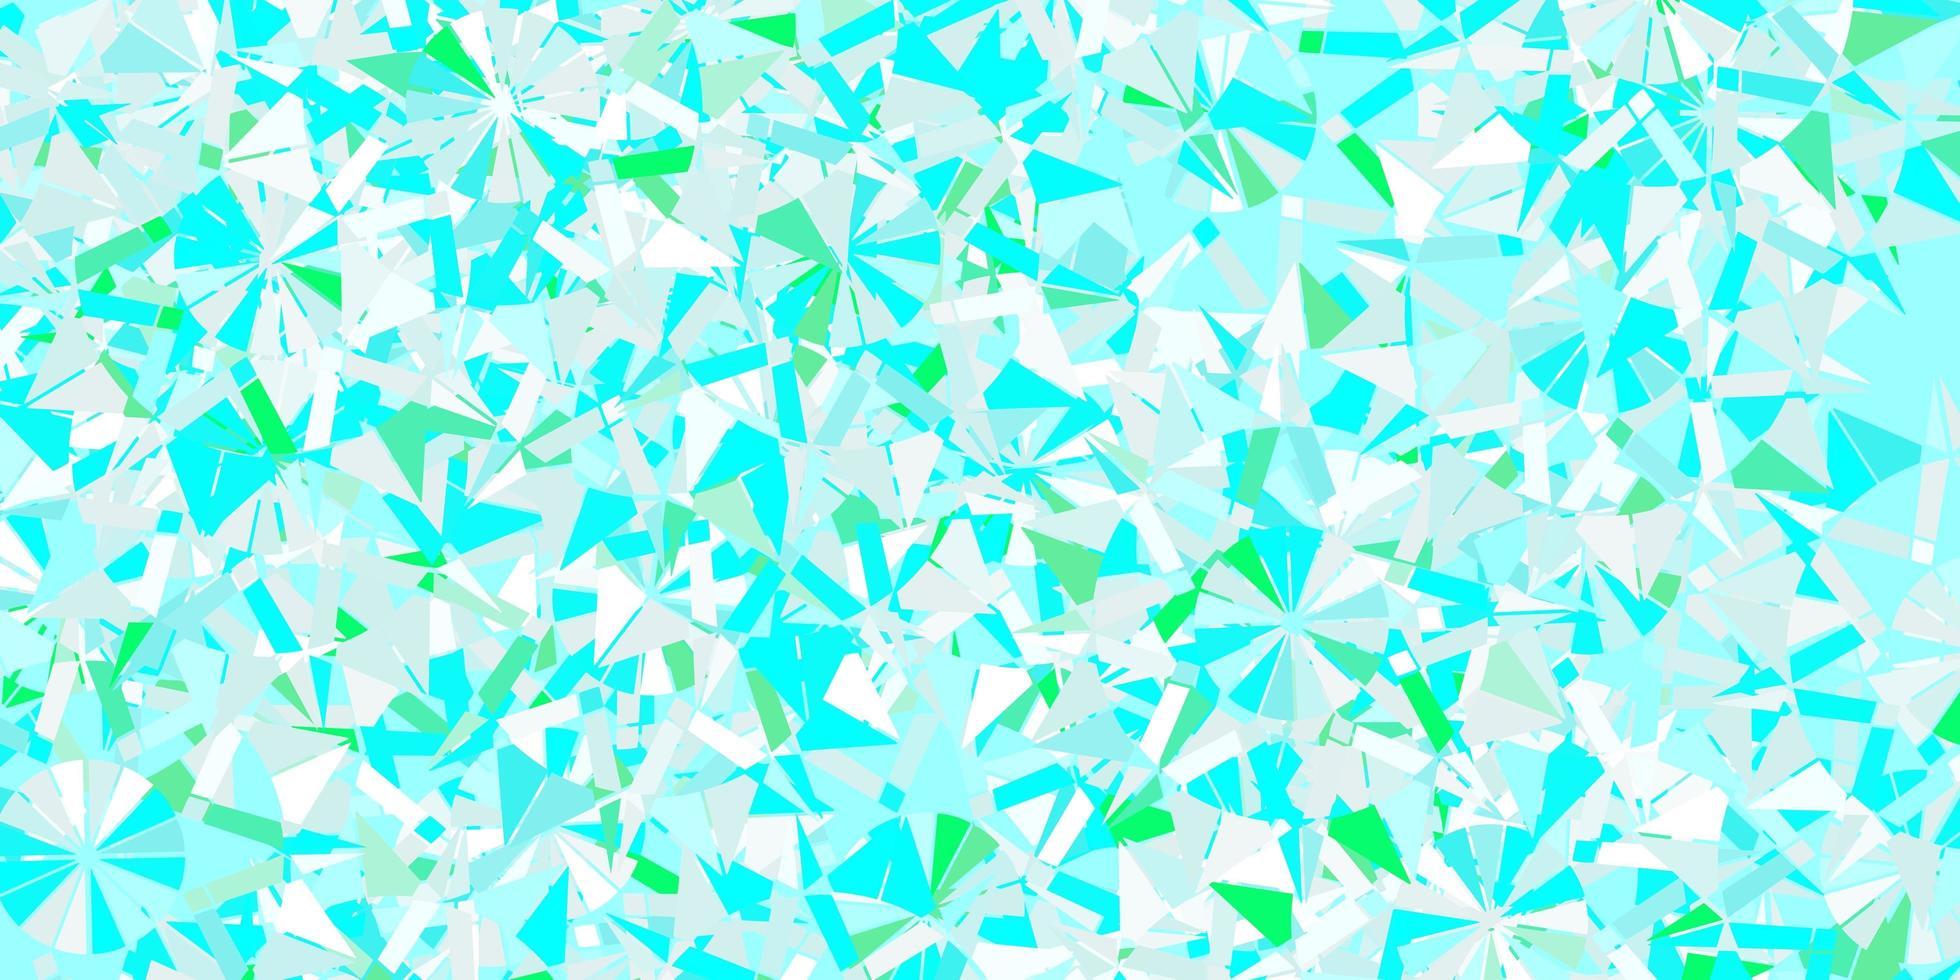 layout de vetor de azul claro e verde com flocos de neve lindos.